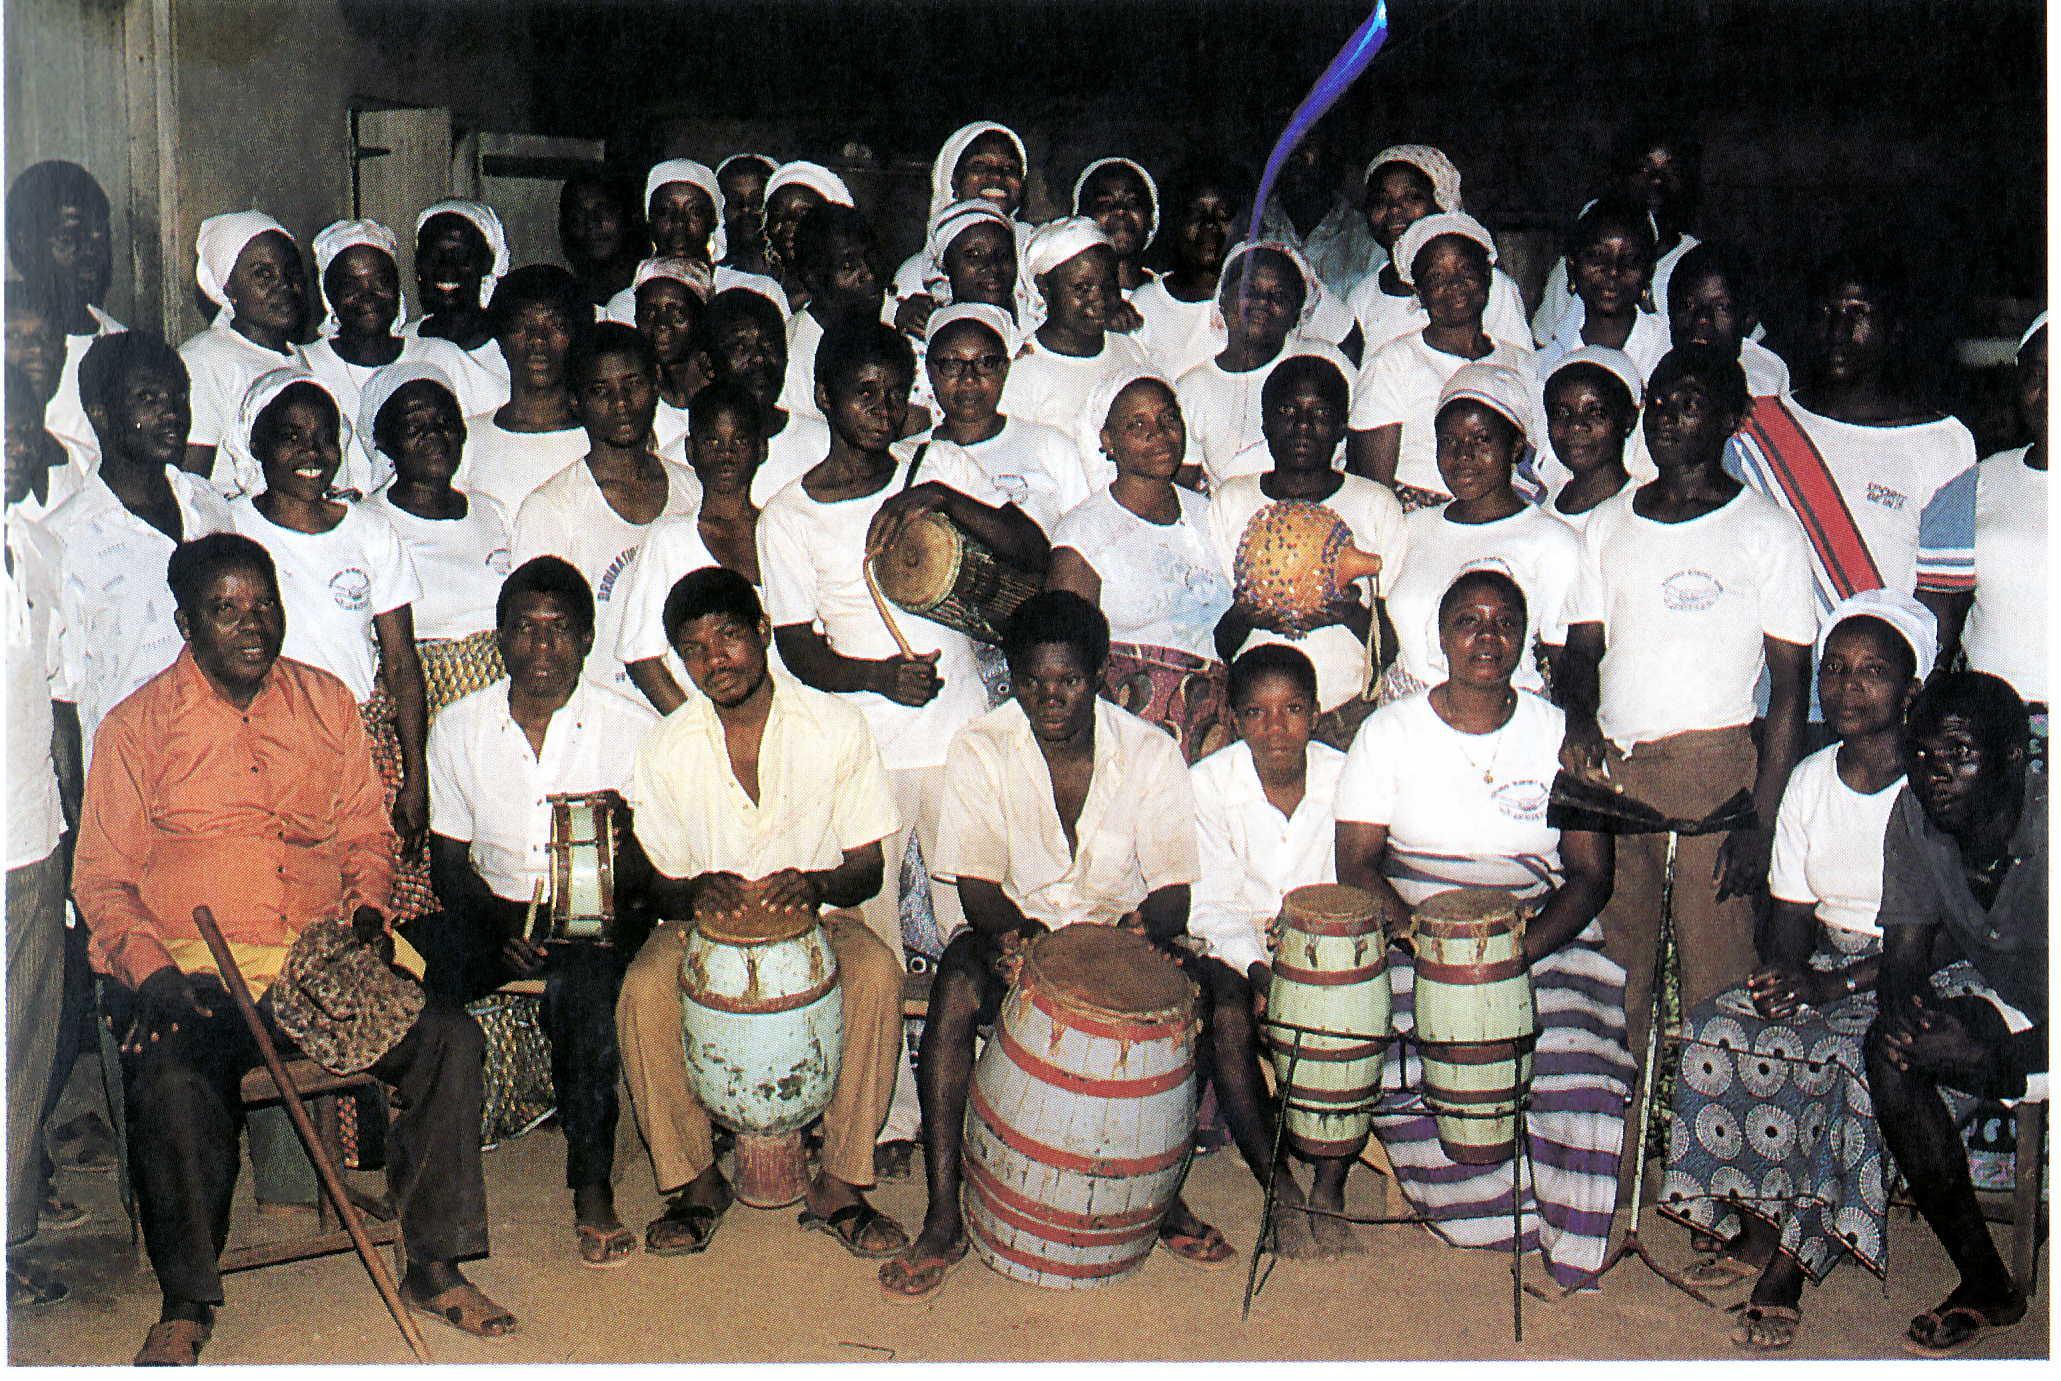 A Borborbor group of Kpando